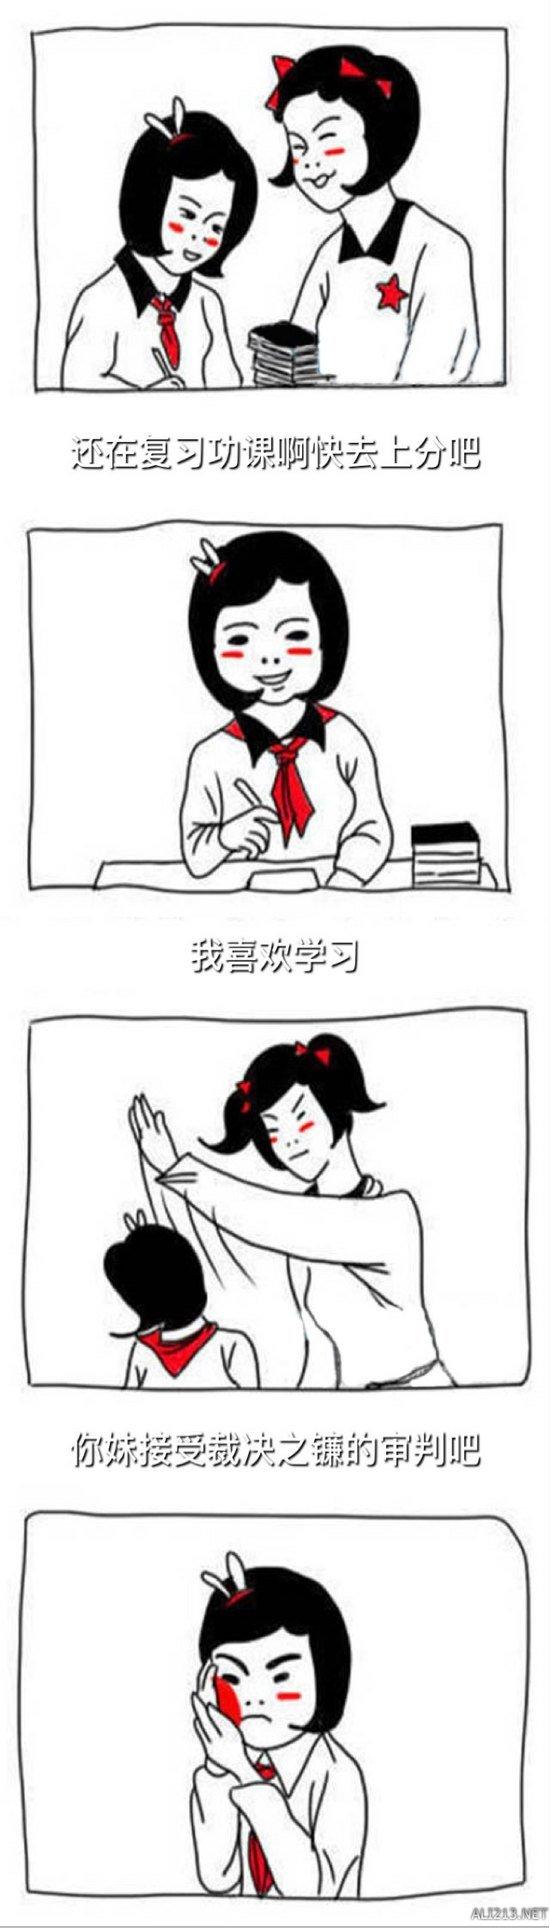 生平最讨厌女人穿衣服了!暴走漫画大合集【831辑】